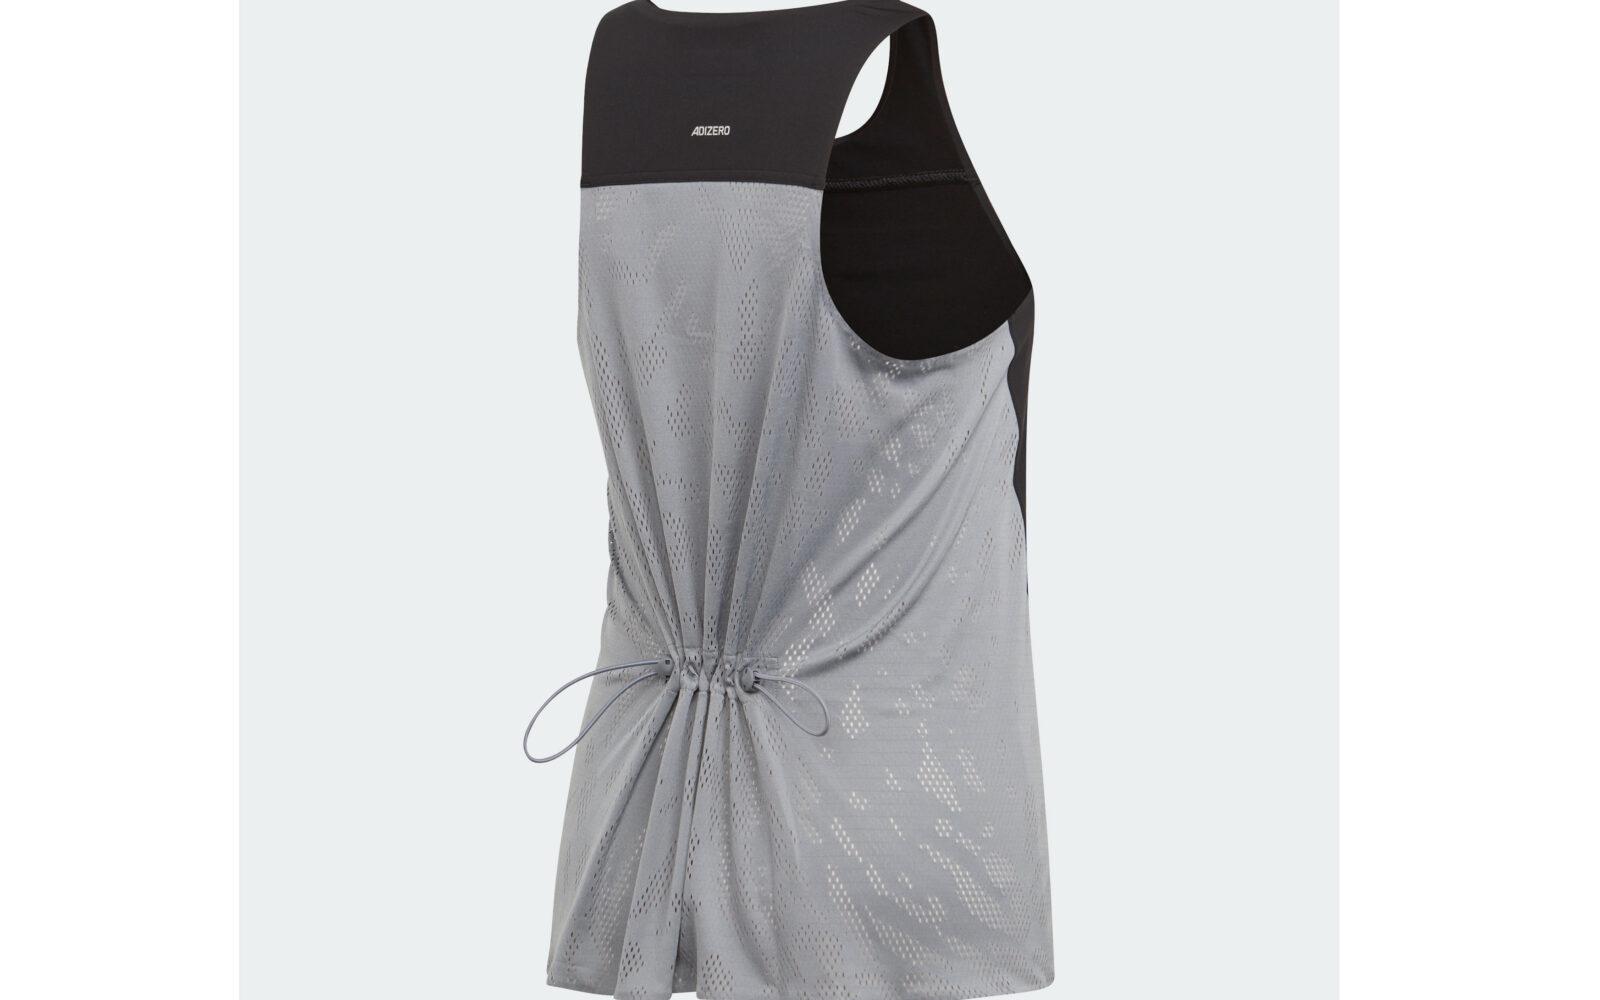 Adidas by Stella McCartney canotta Run, in jersey elasticizzato (80% poliestere riciclato per ridurre le emissioni e il consumo di risorse), girovita regolabile con vezzoso cordino, tecnologia di ventilazione ClimaCool. Euro 79,95.